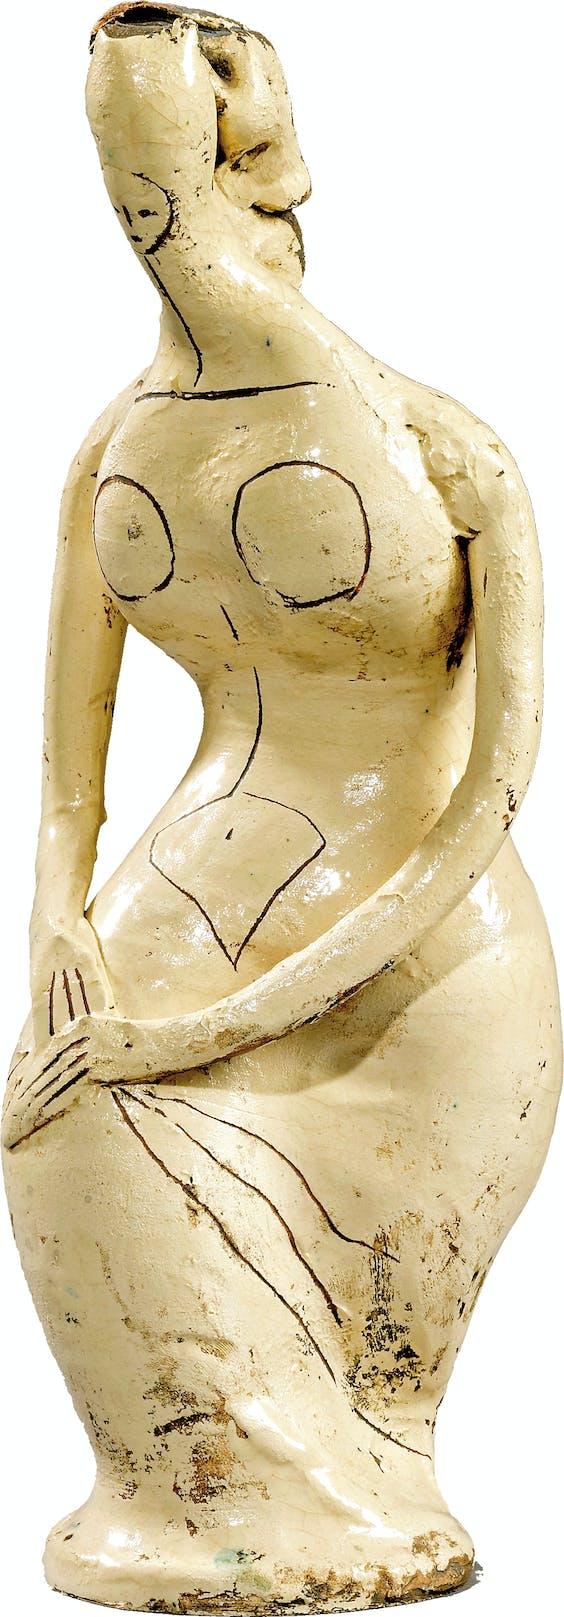 'Tanagra met gevouwen handen op de rechterknie', 1947. 'Tanagra' slaat op keramiek uit de oudheid die in de 19de eeuw bij de Griekse stad Tanagra werd opgegraven.